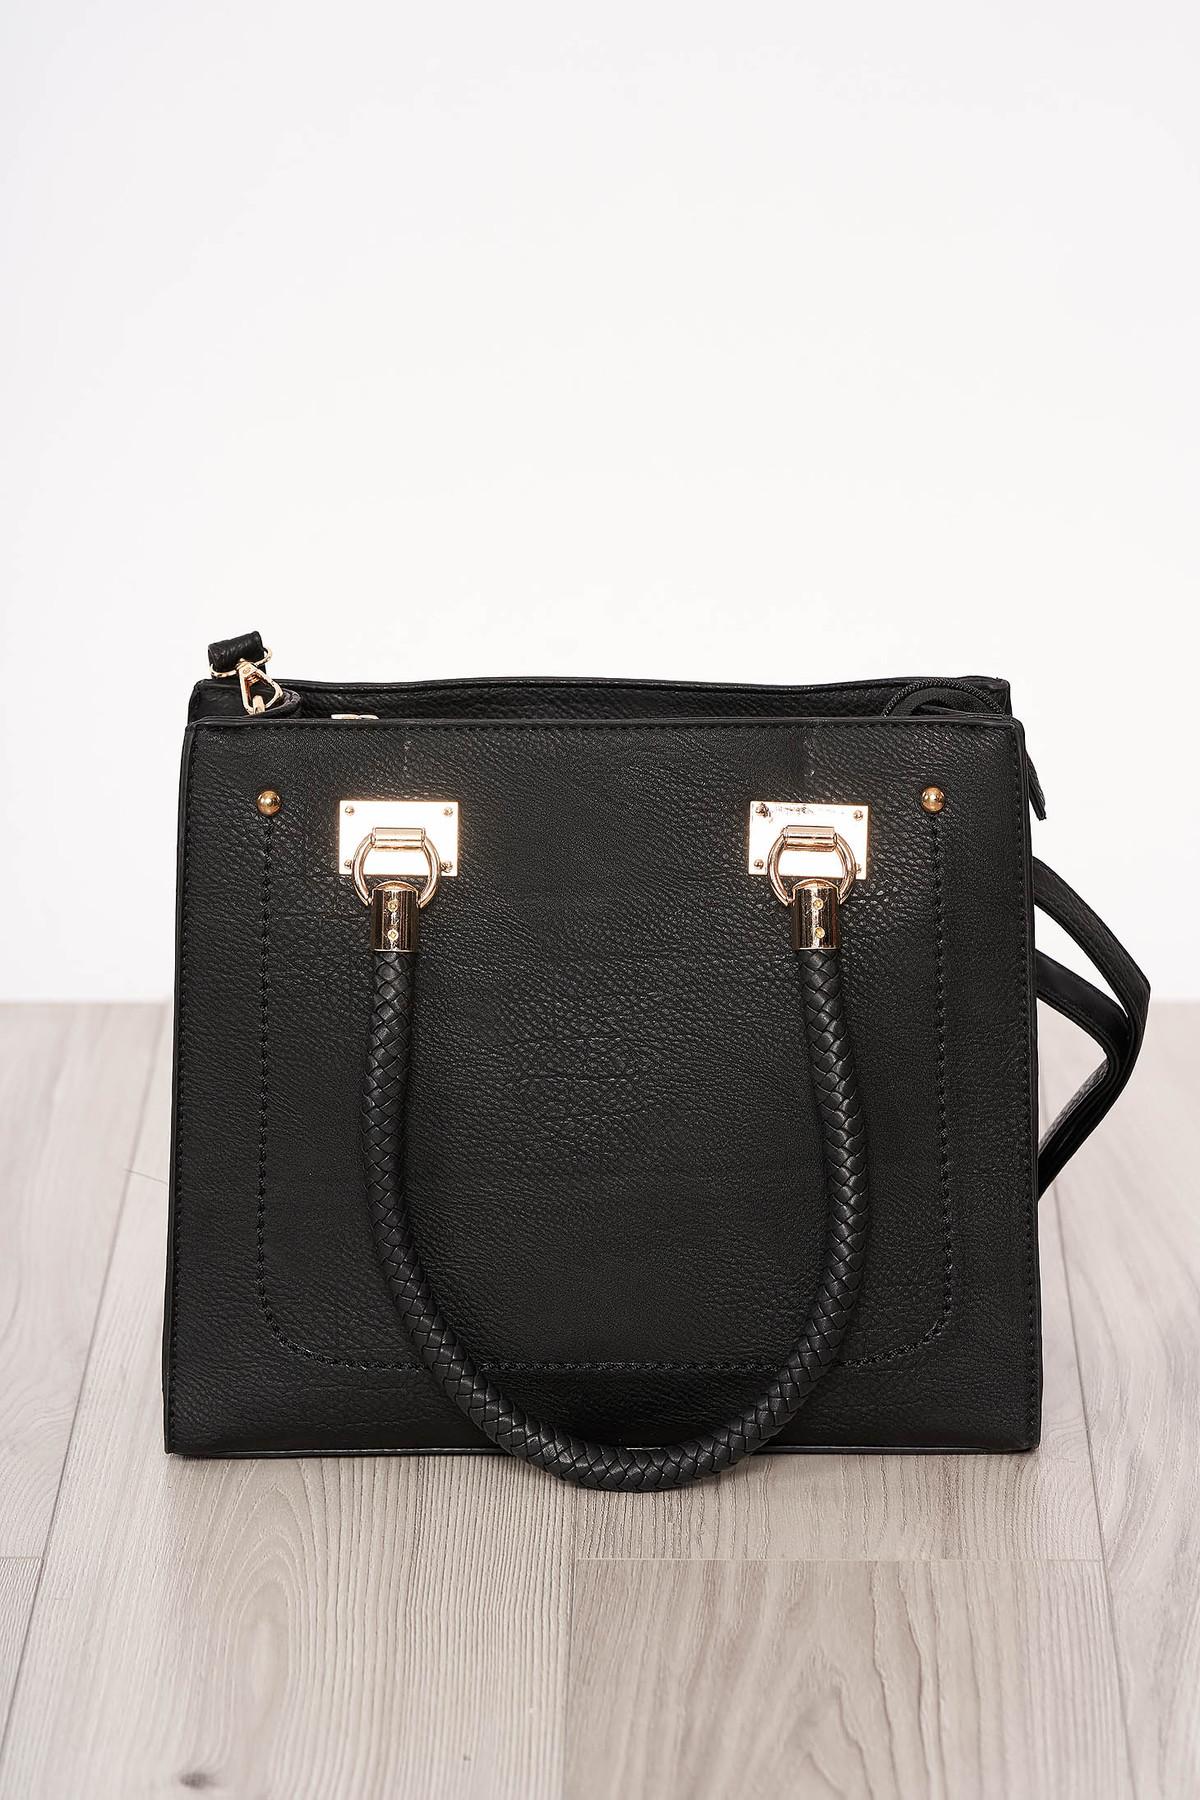 Geanta dama SunShine neagra material din piele ecologica accesorizata cu fermoar cu manere scurte cu maner lung reglabil